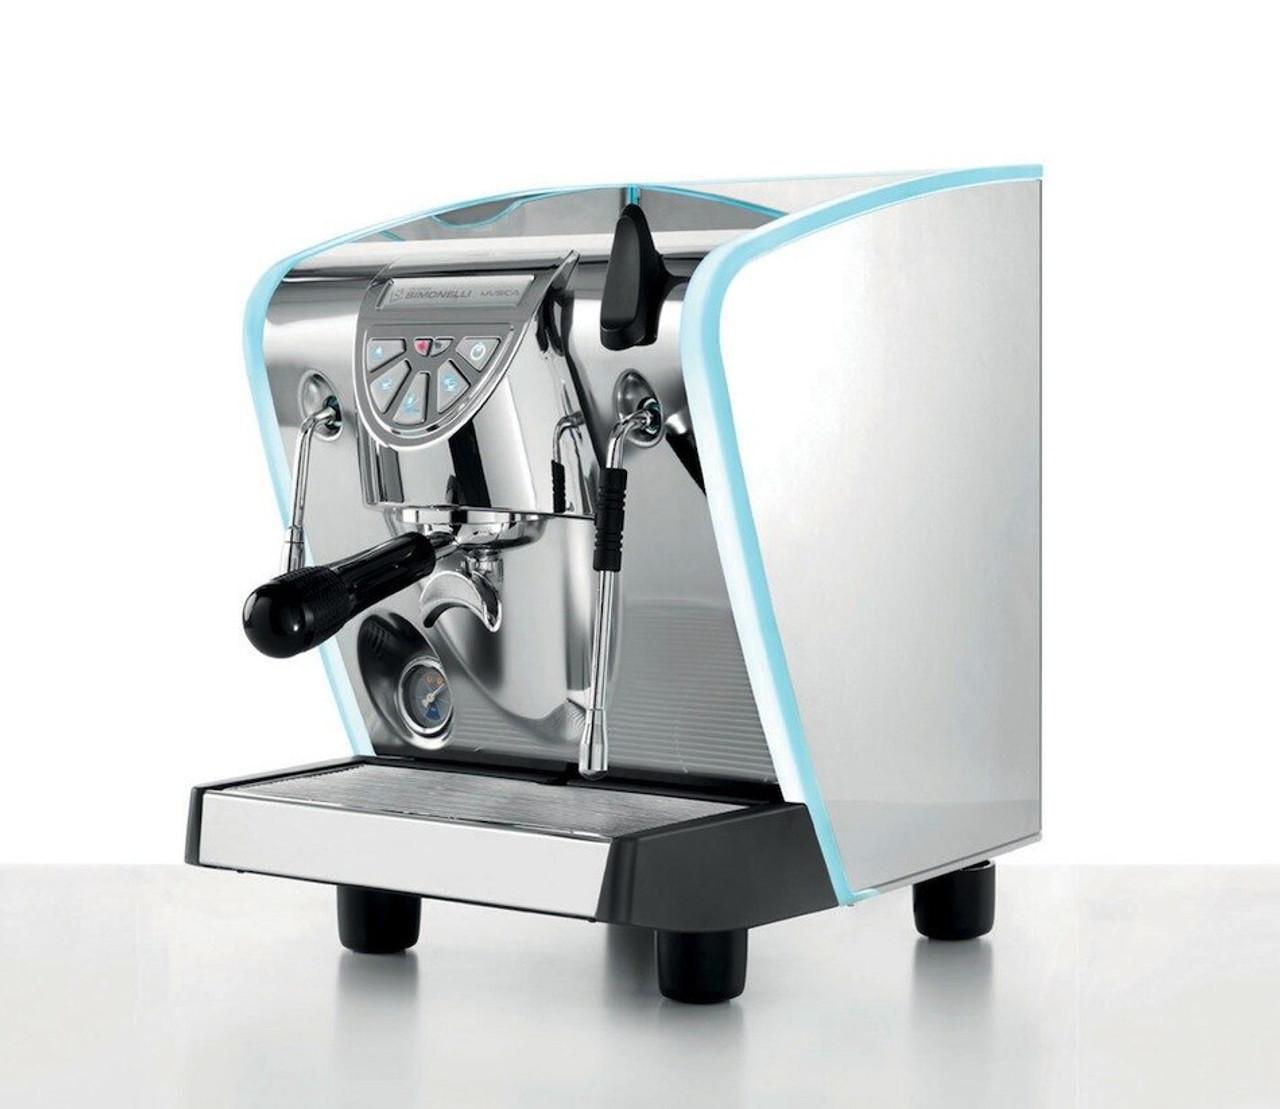 Nuova Simonelli Pour Over Espresso Machine LUX